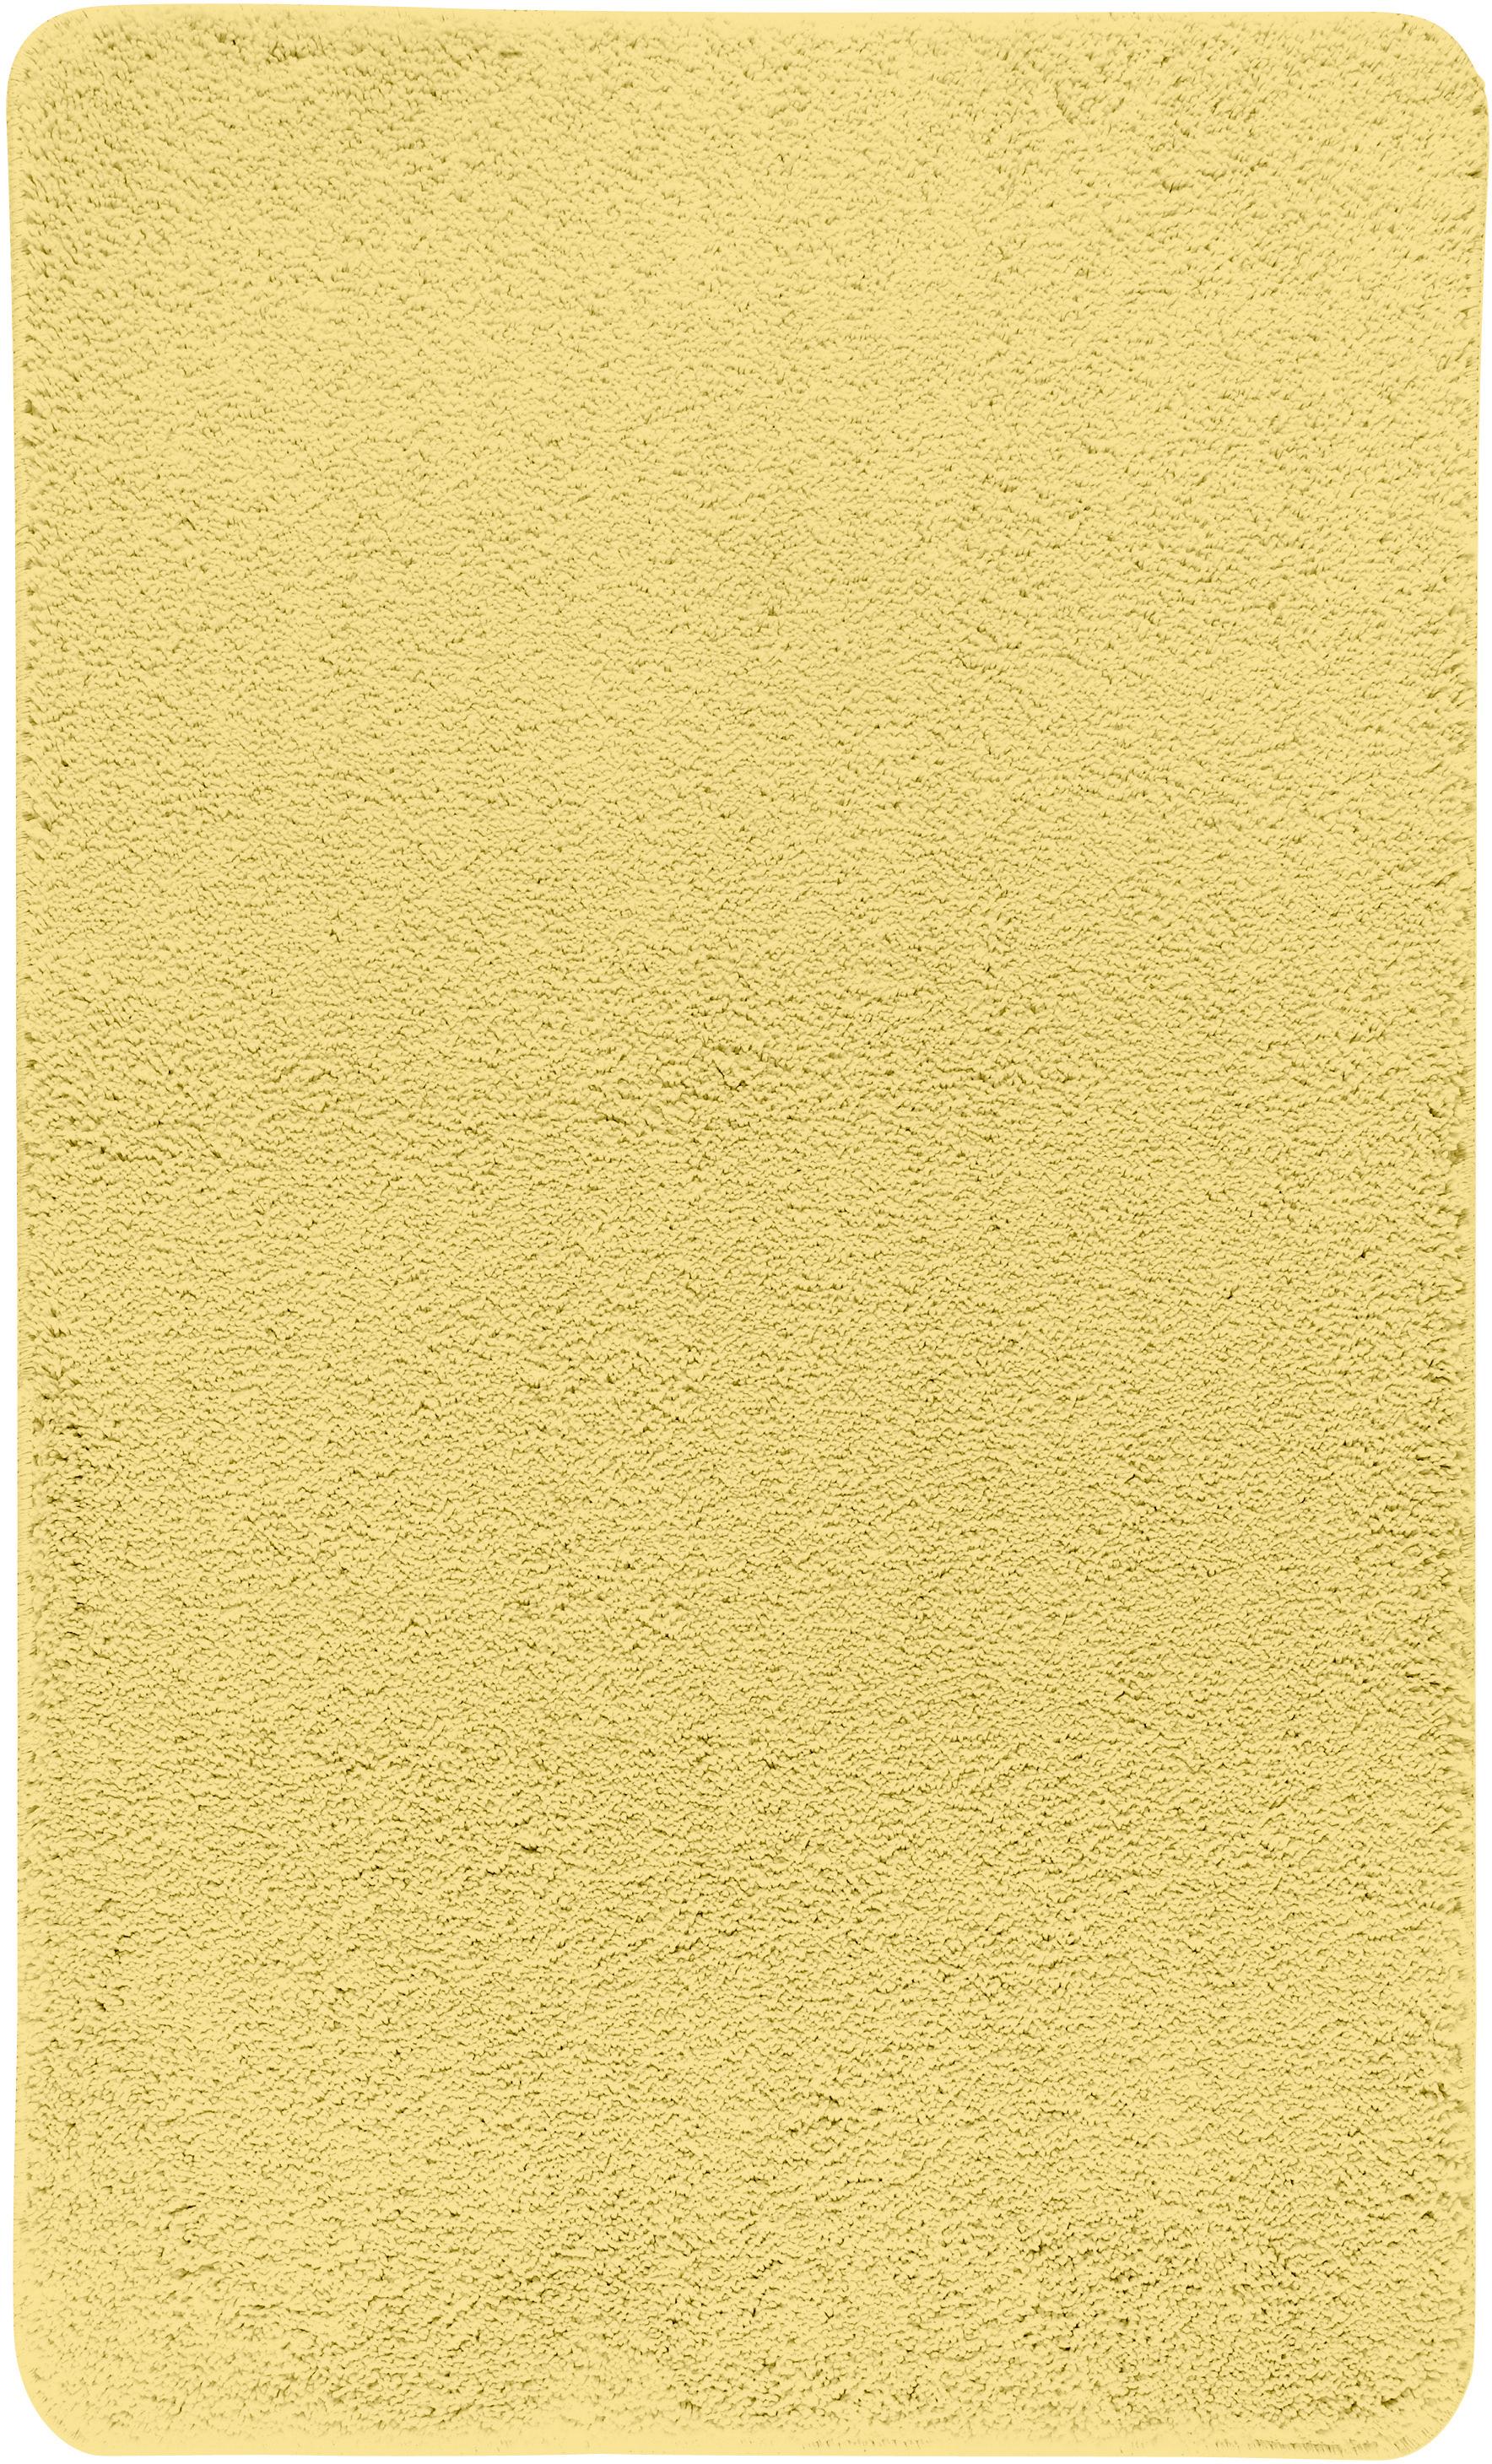 Коврик для ванной Axentia, прямоугольный, цвет: желтый, 60 х 100 см116073Коврик для ванной комнаты из микрофибры, прямоугольный, большой 60х100 см. Высота ворса 1,5 см, стеганный. Противоскользящее основание изготовлено из термопластичной резины и подходит для полов с подогревом. Коврик мягкий и приятный на ощупь, отлично впитывает влагу и быстро сохнет. Можно стирать в стиральной машине. Высокая износостойкость коврика и стойкость цвета позволит вам наслаждаться покупкой долгие годы. Широкая гамма расцветок ковриков Axentia удовлетворит самый притязательный вкус.